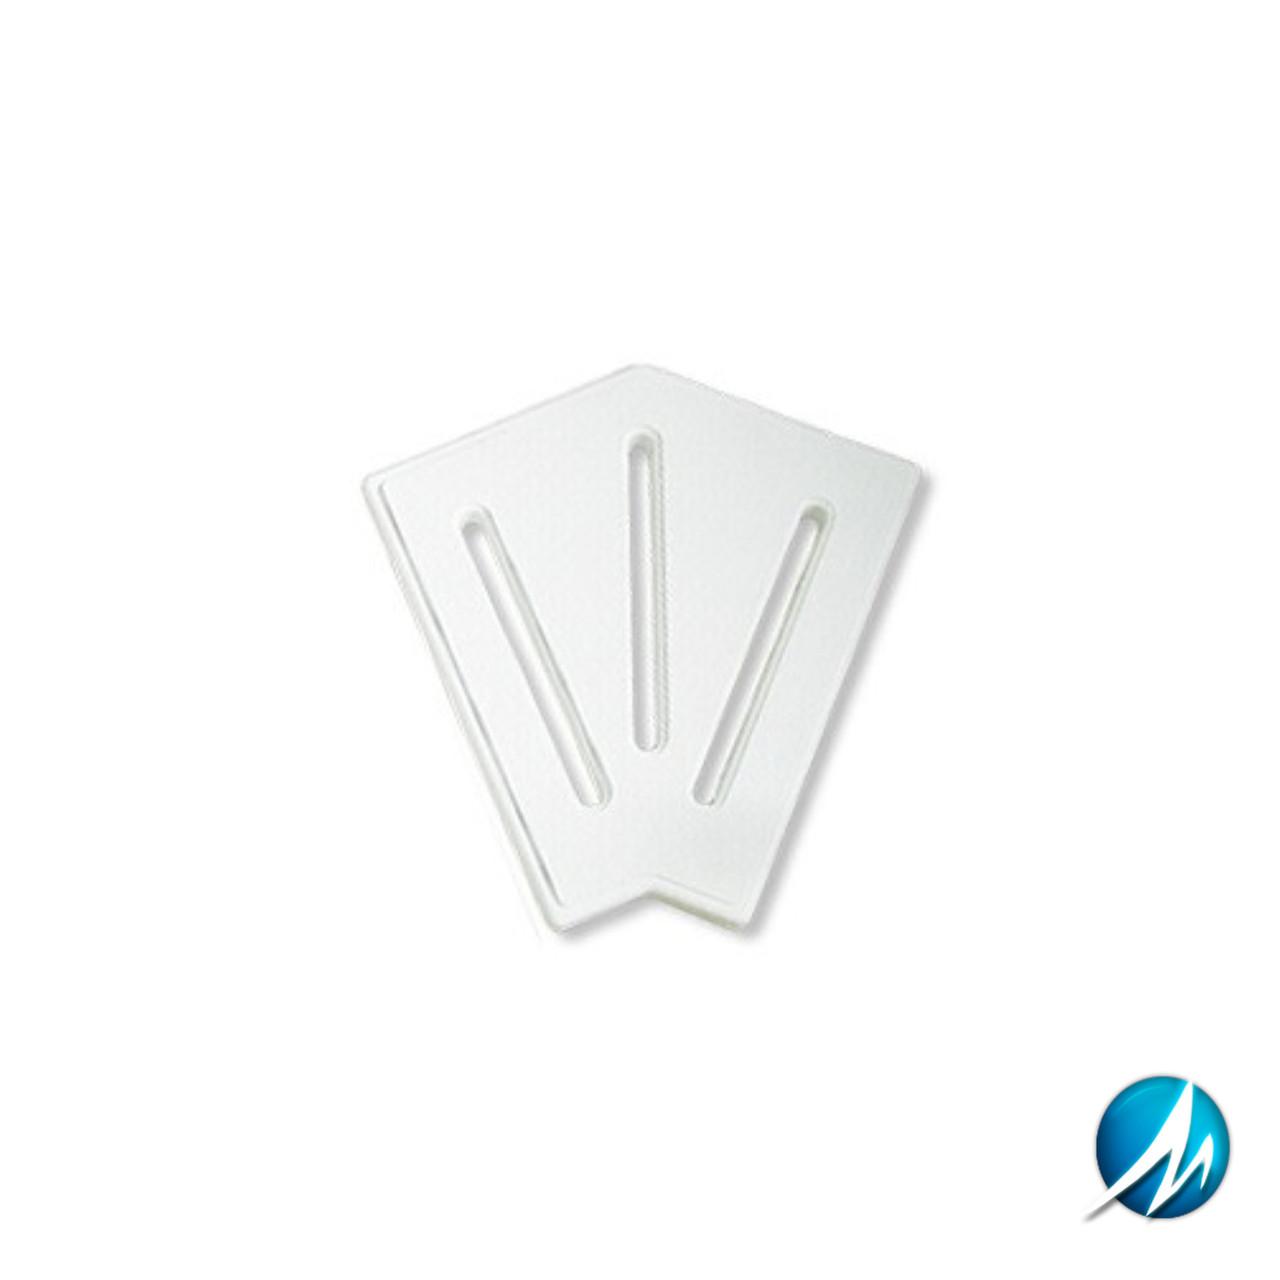 Кутовий елемент AquaViva KK-25-2 Classic для переливної решітки 45° 245/25 мм (білий)